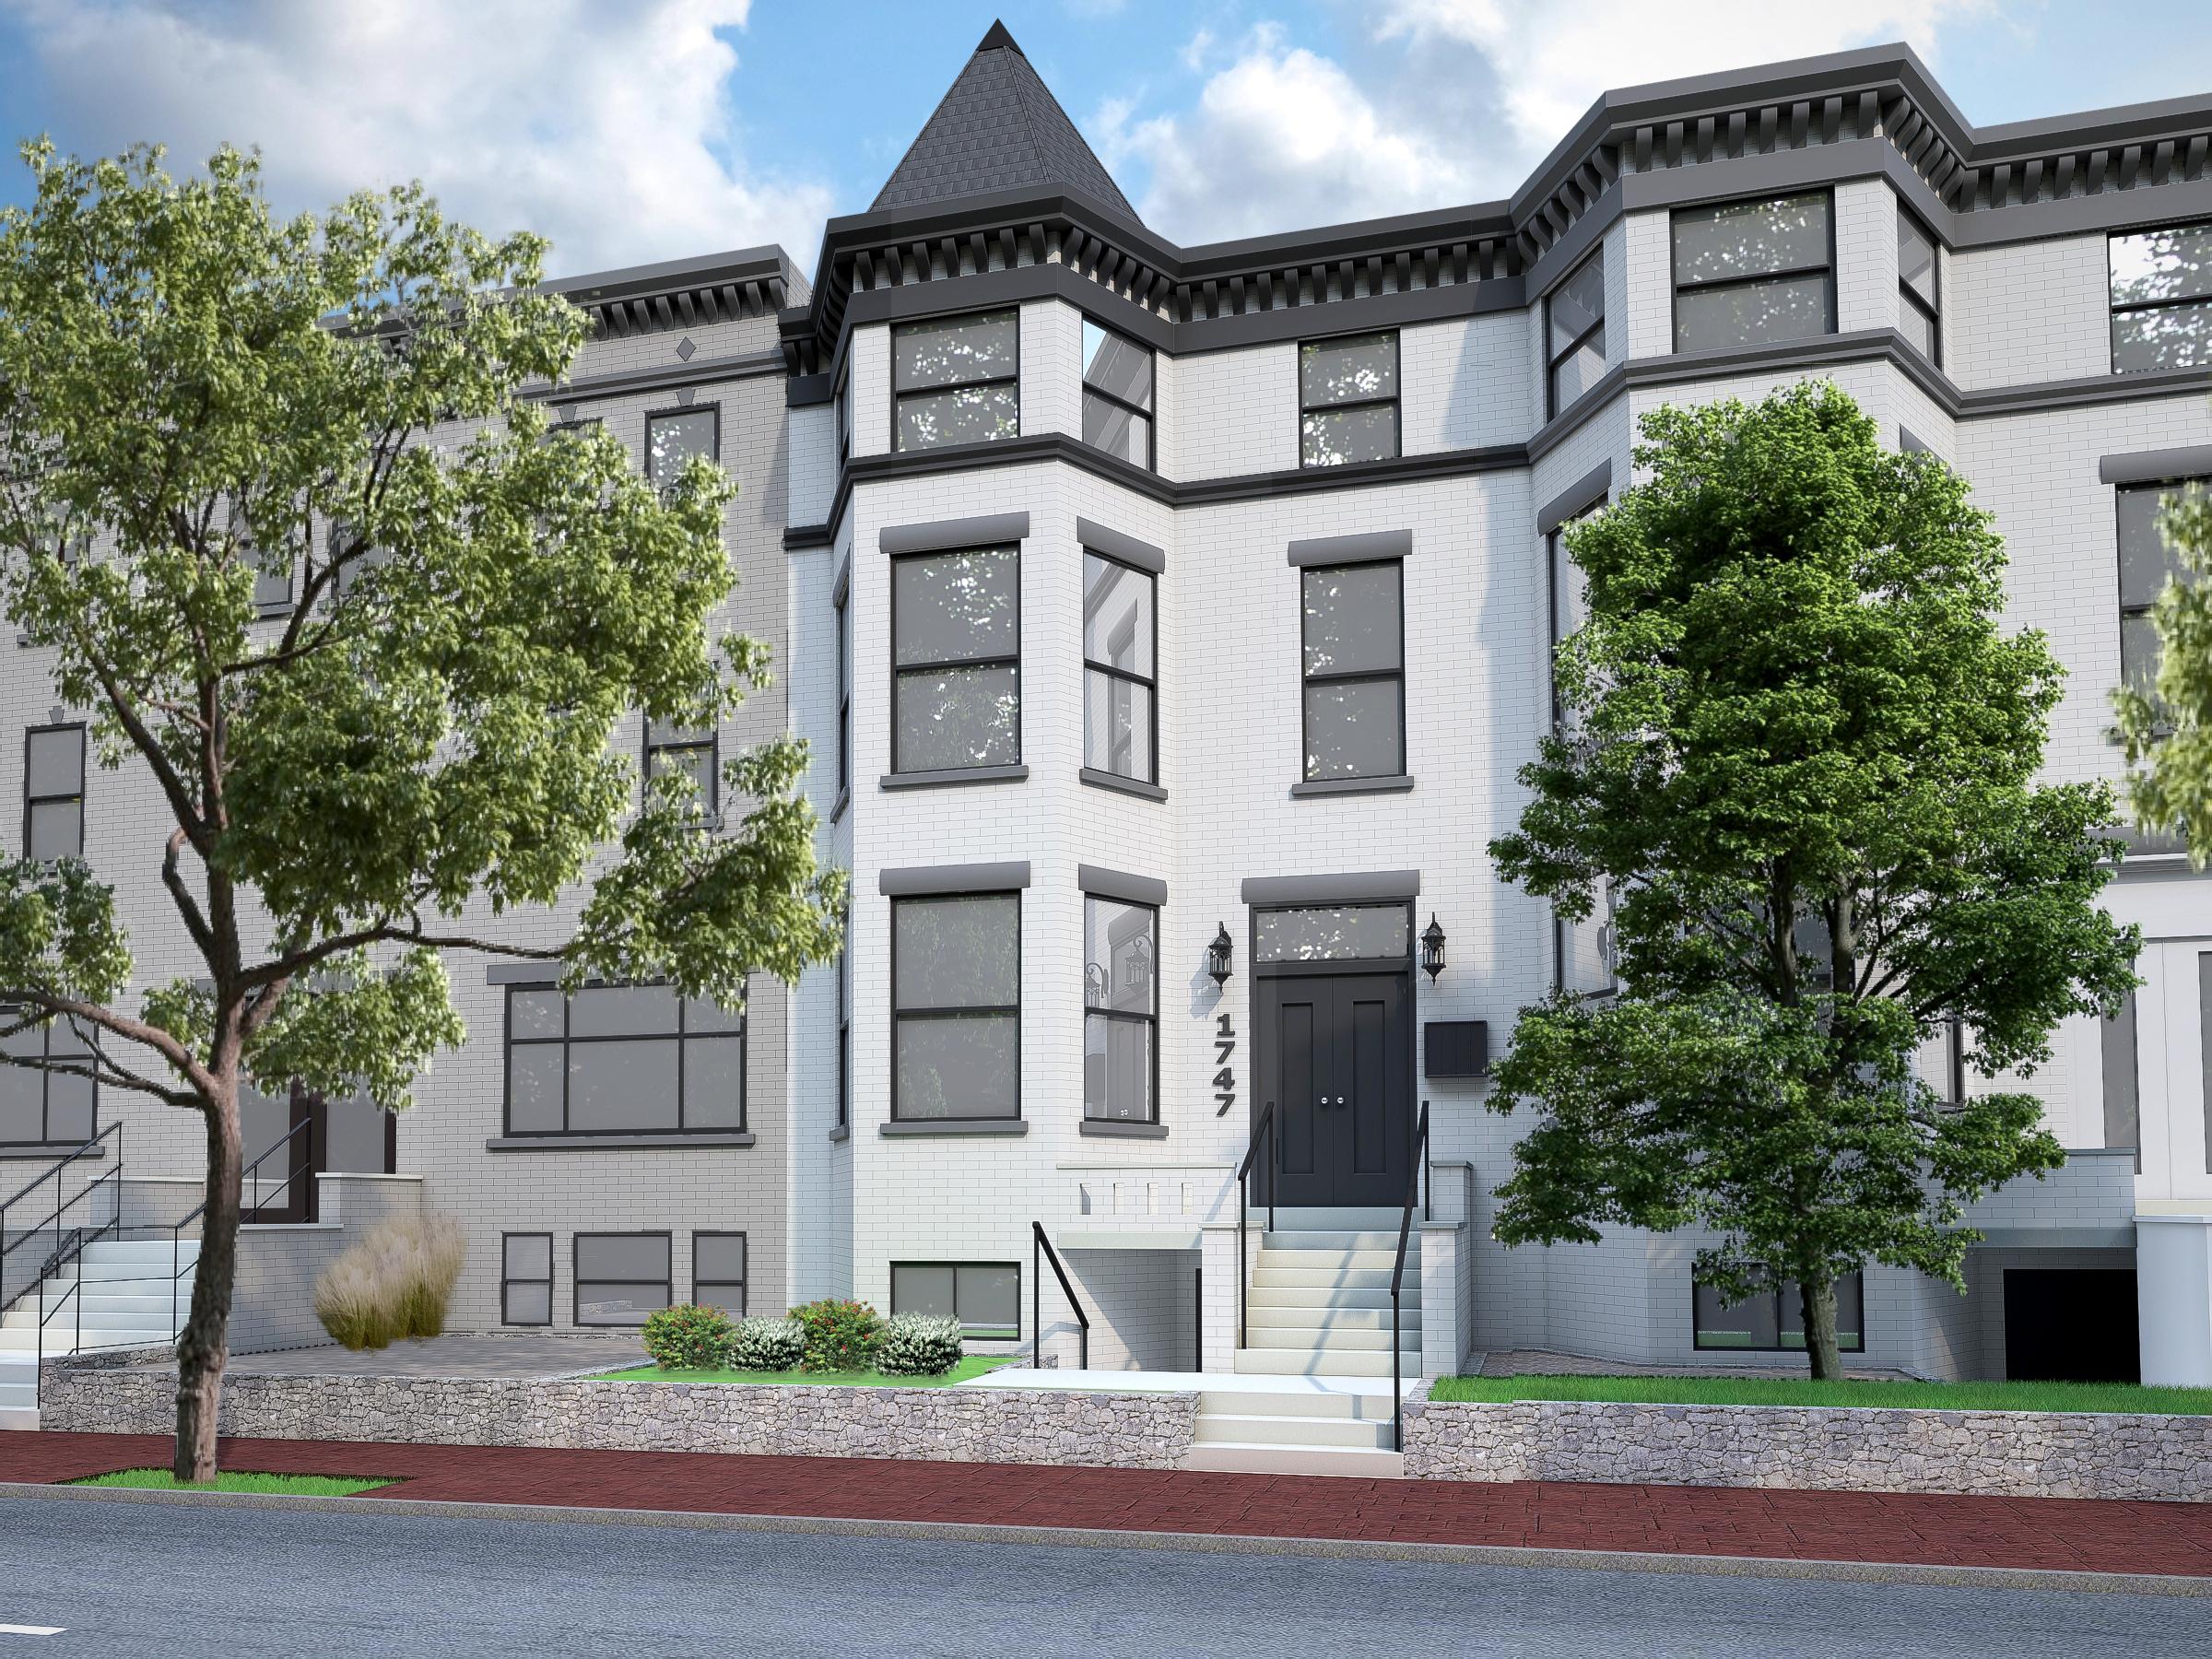 The Allard - 1747 T St. NW | Dupont CircleComing Soon | Five-unit historic condominium constructionhttps://theallard.com/